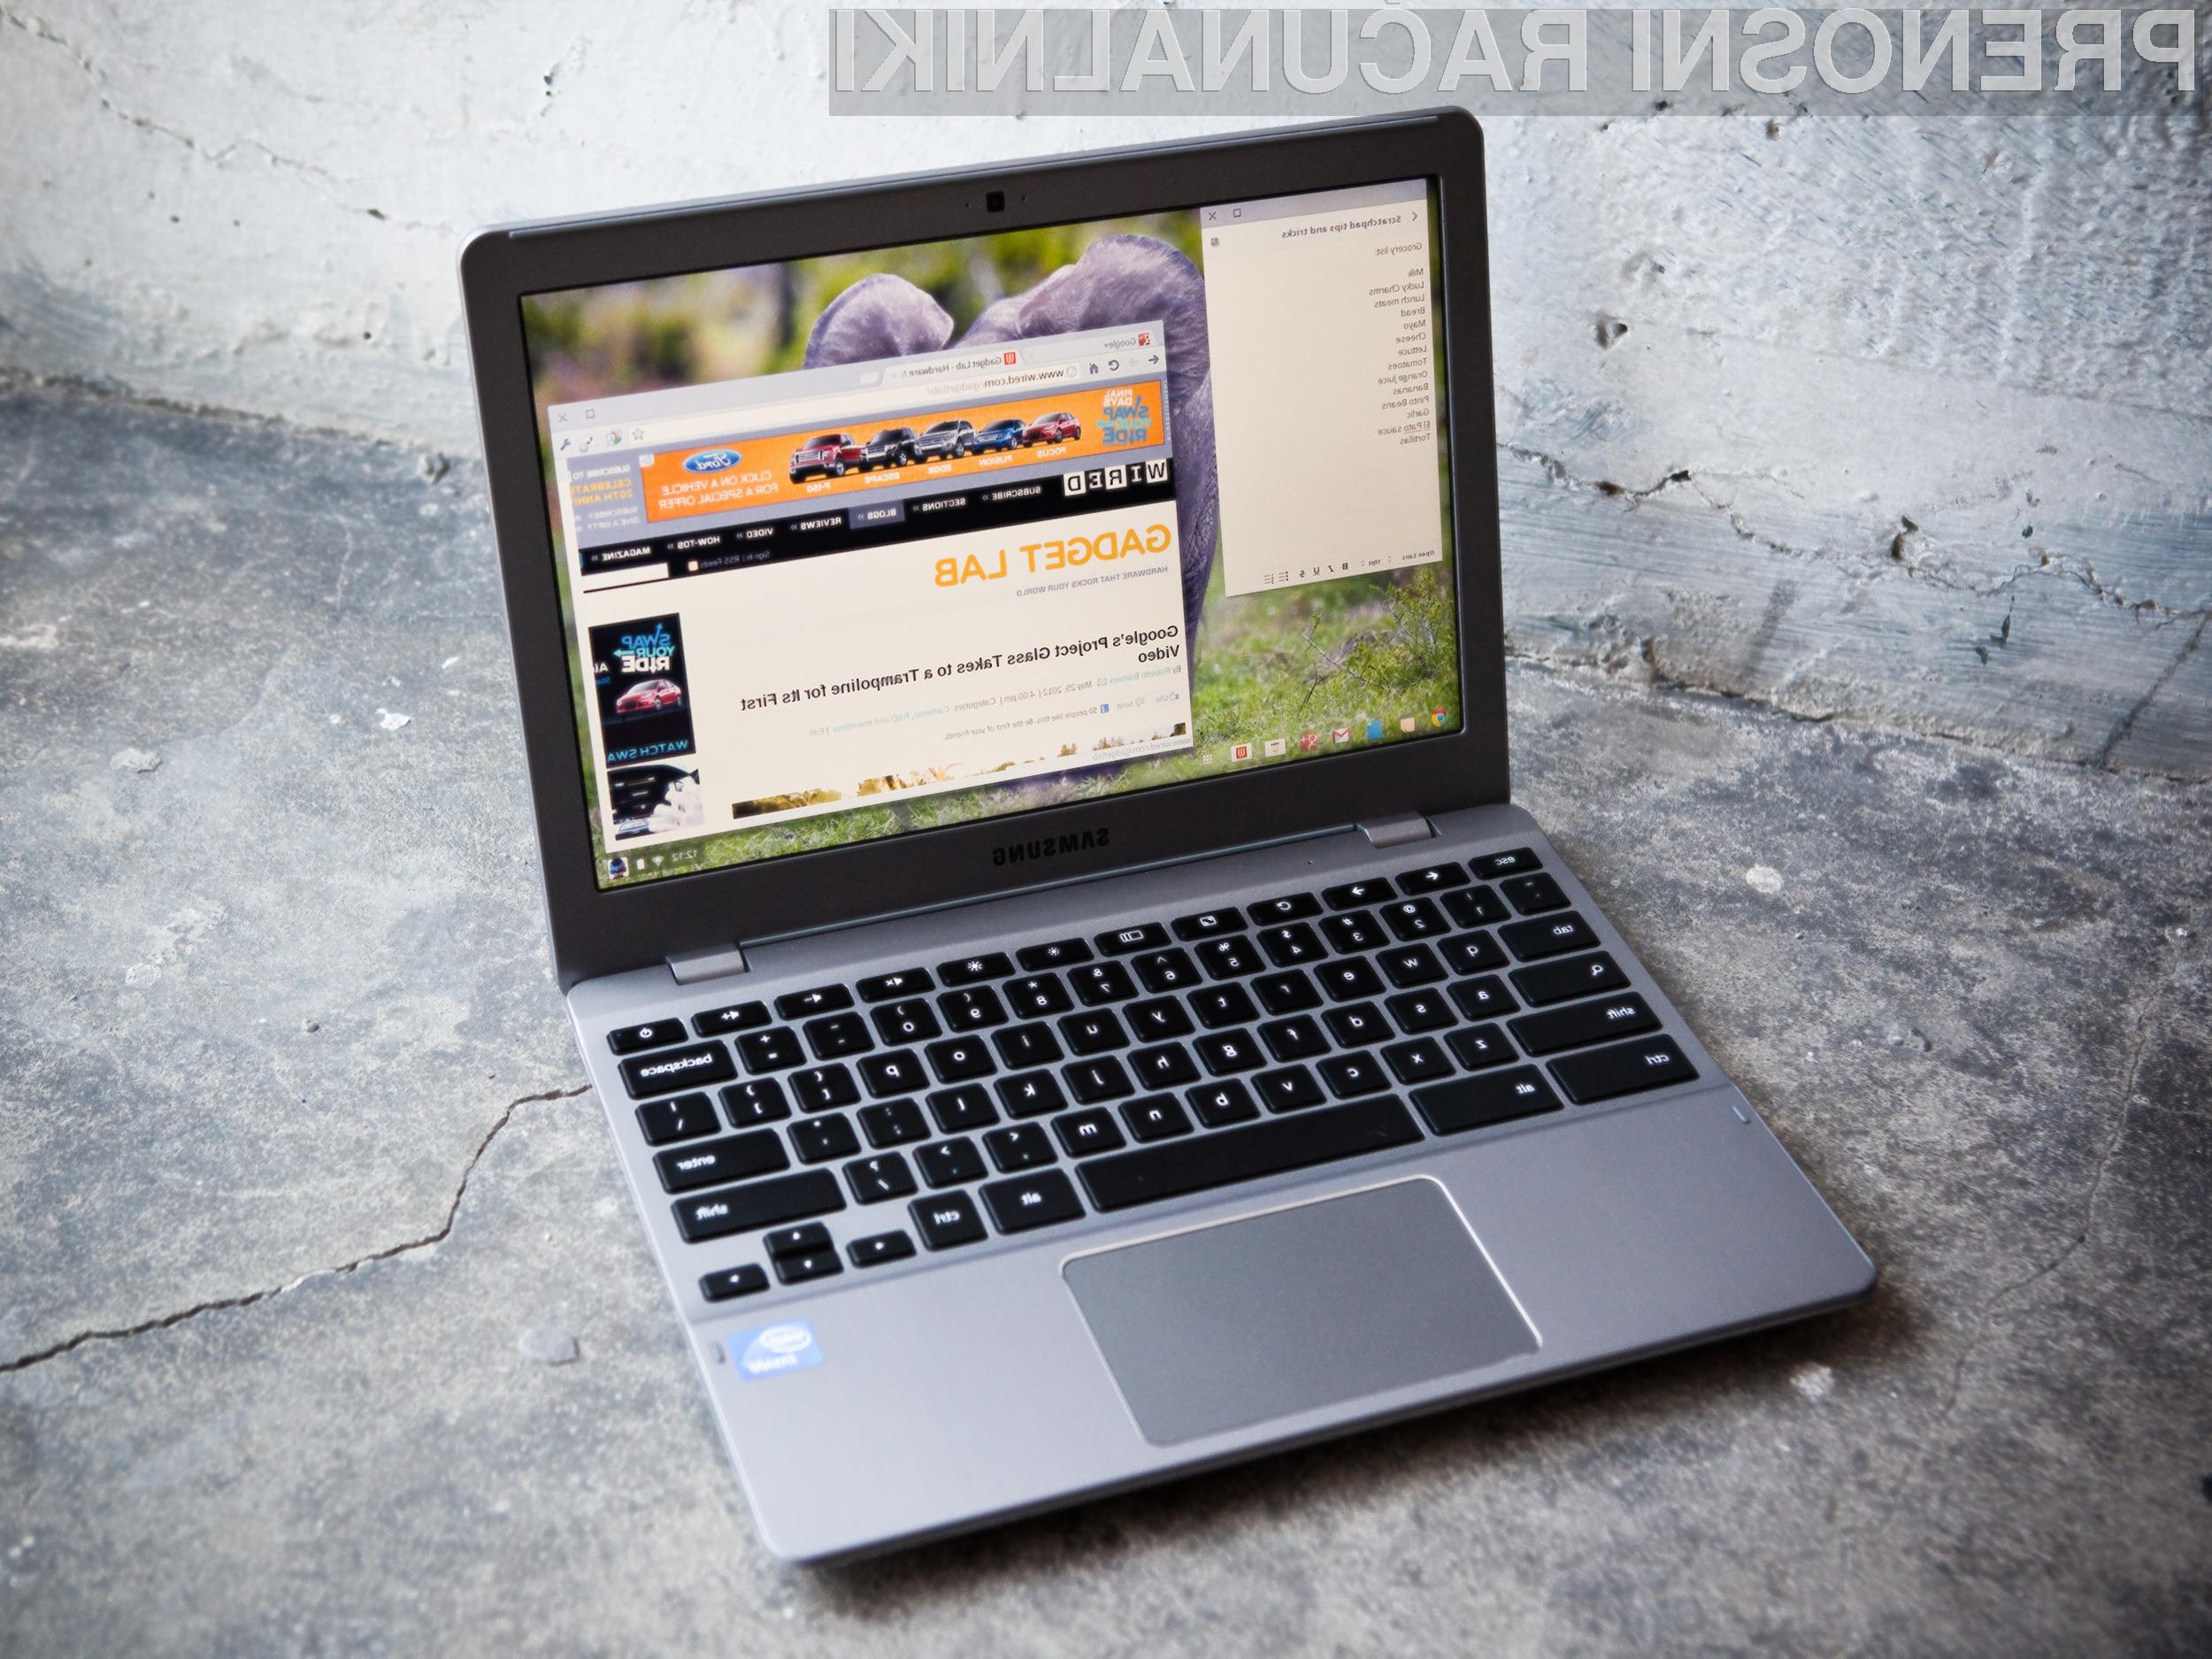 Prenosnik Chromebook Pixel bo kmalu bogatejši za podporo hitremu mobilnemu omrežju 4G/LTE.